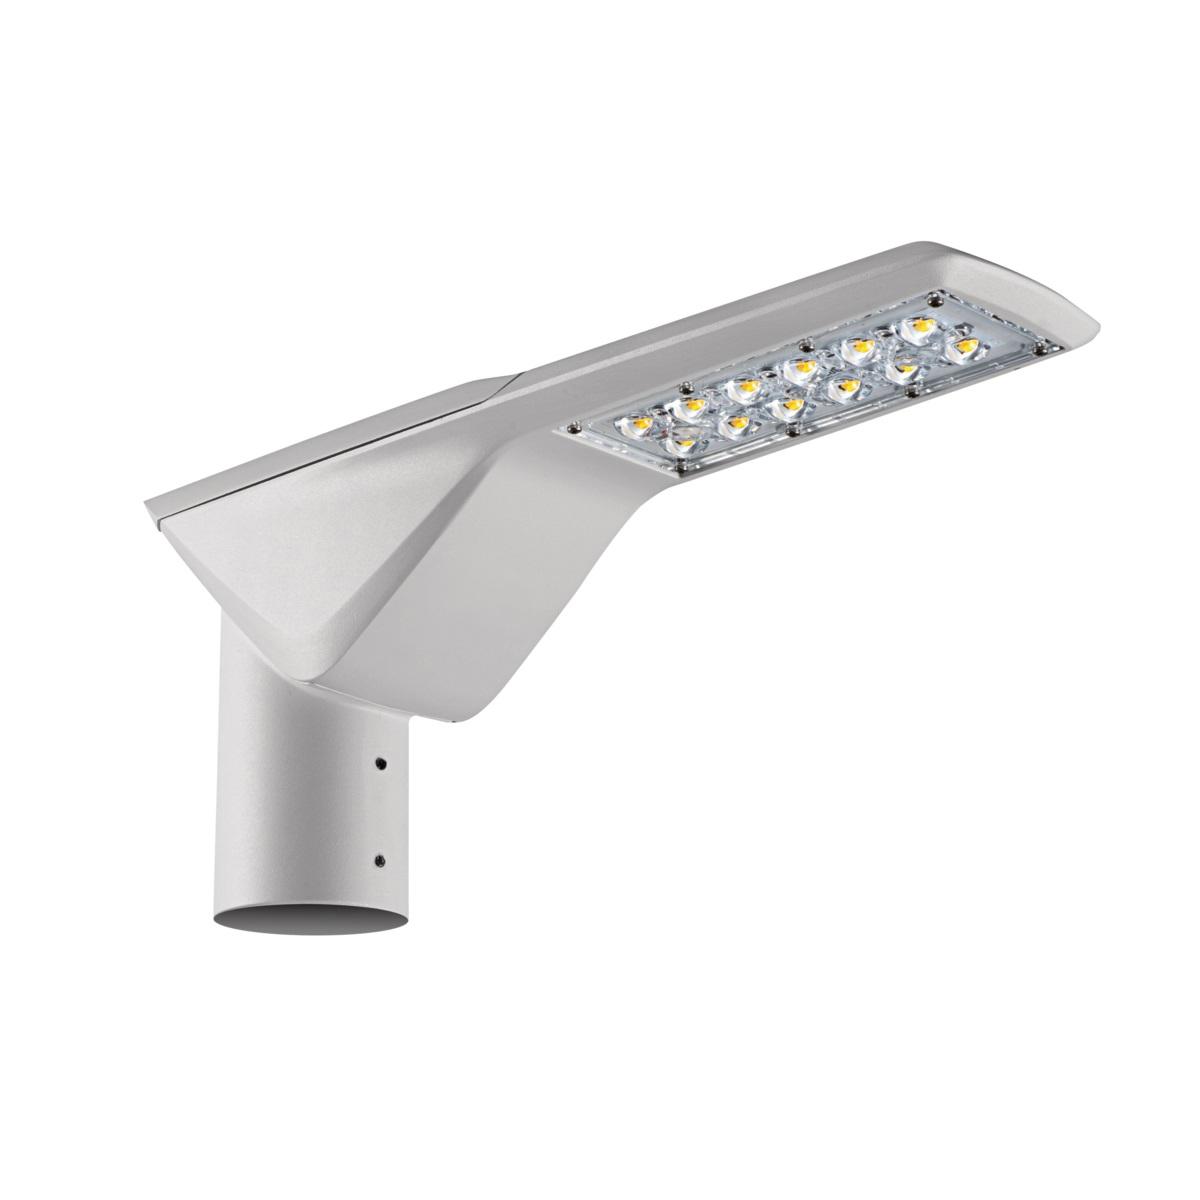 RUBINI LED 20W 2350lm 730, asymmetrisch, IP66, grau